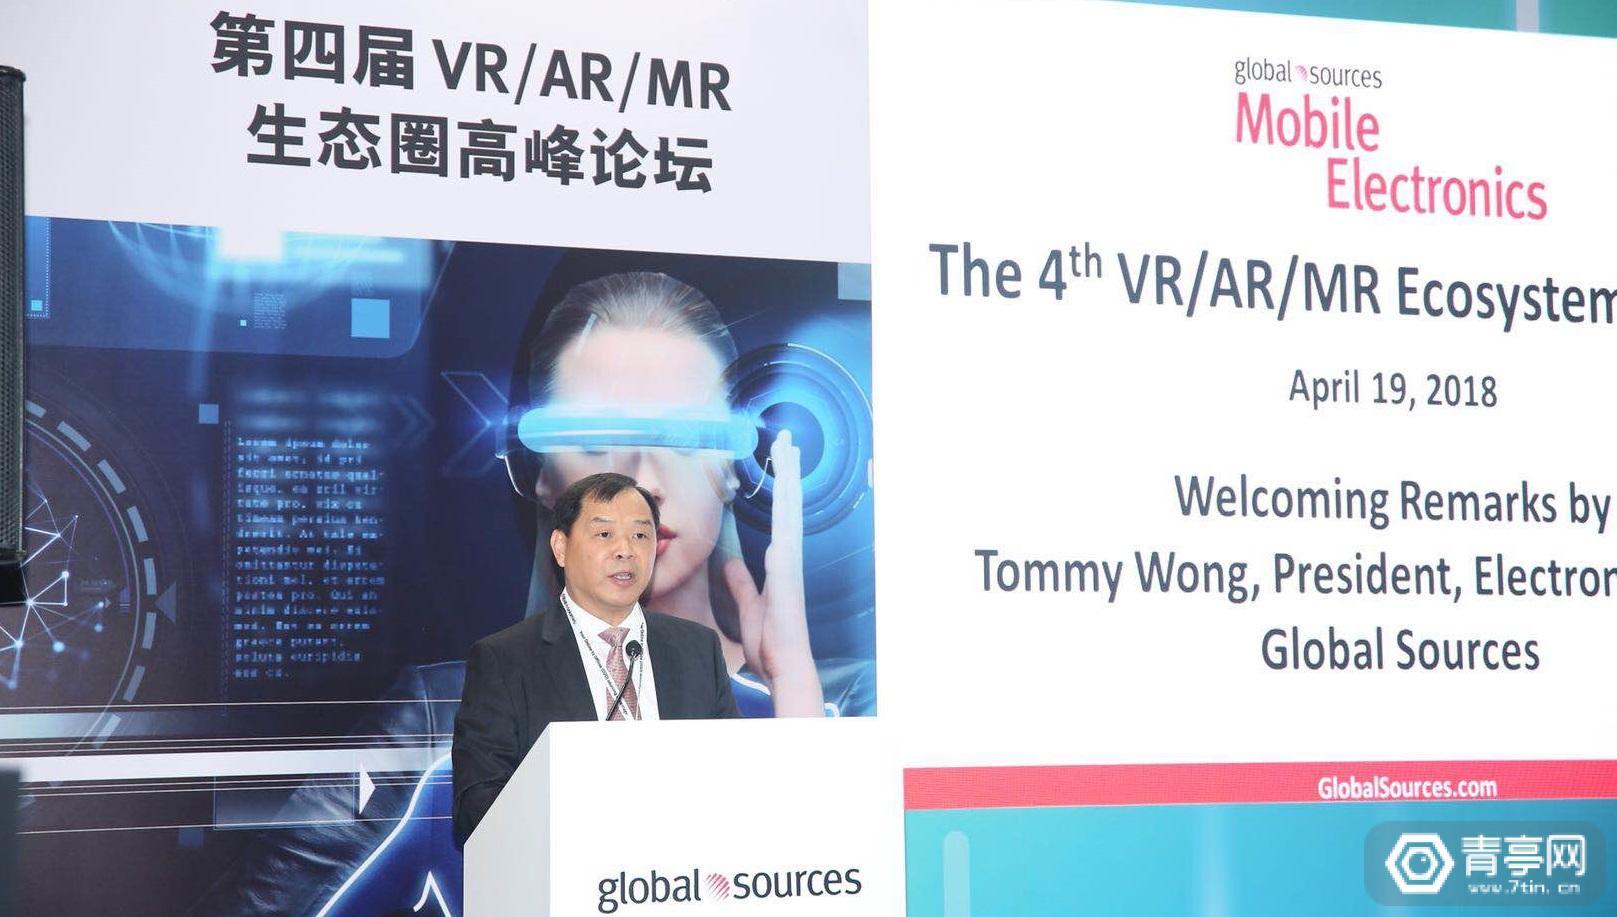 第4届VR/AR/MR生态圈高峰论坛,5G成讨论焦点